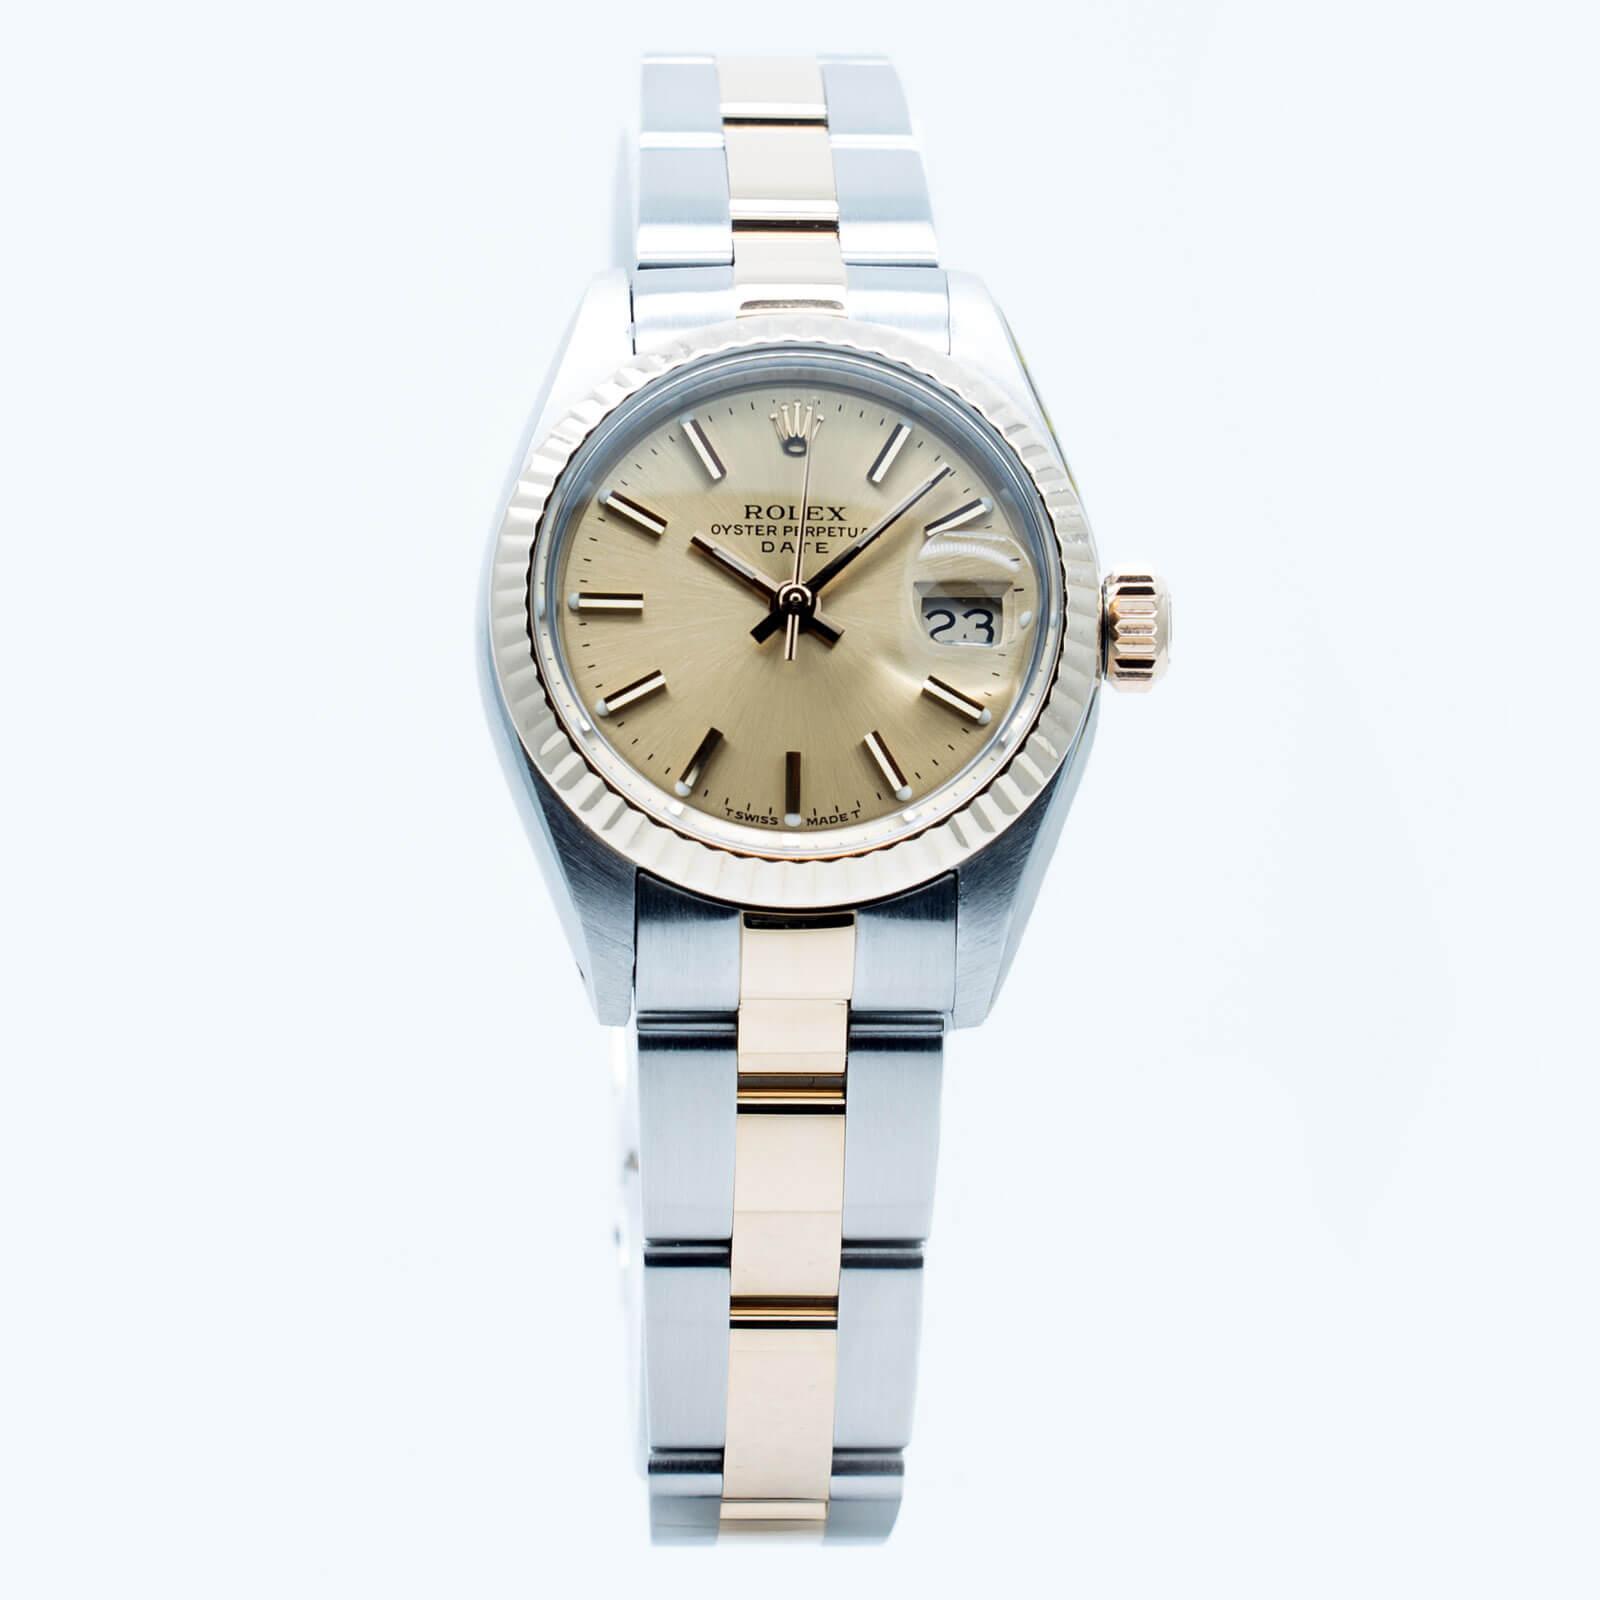 9047de604ea5d Montre-Rolex-Oyster-Perpetual-Date-occasion-Lionel-Meylan-